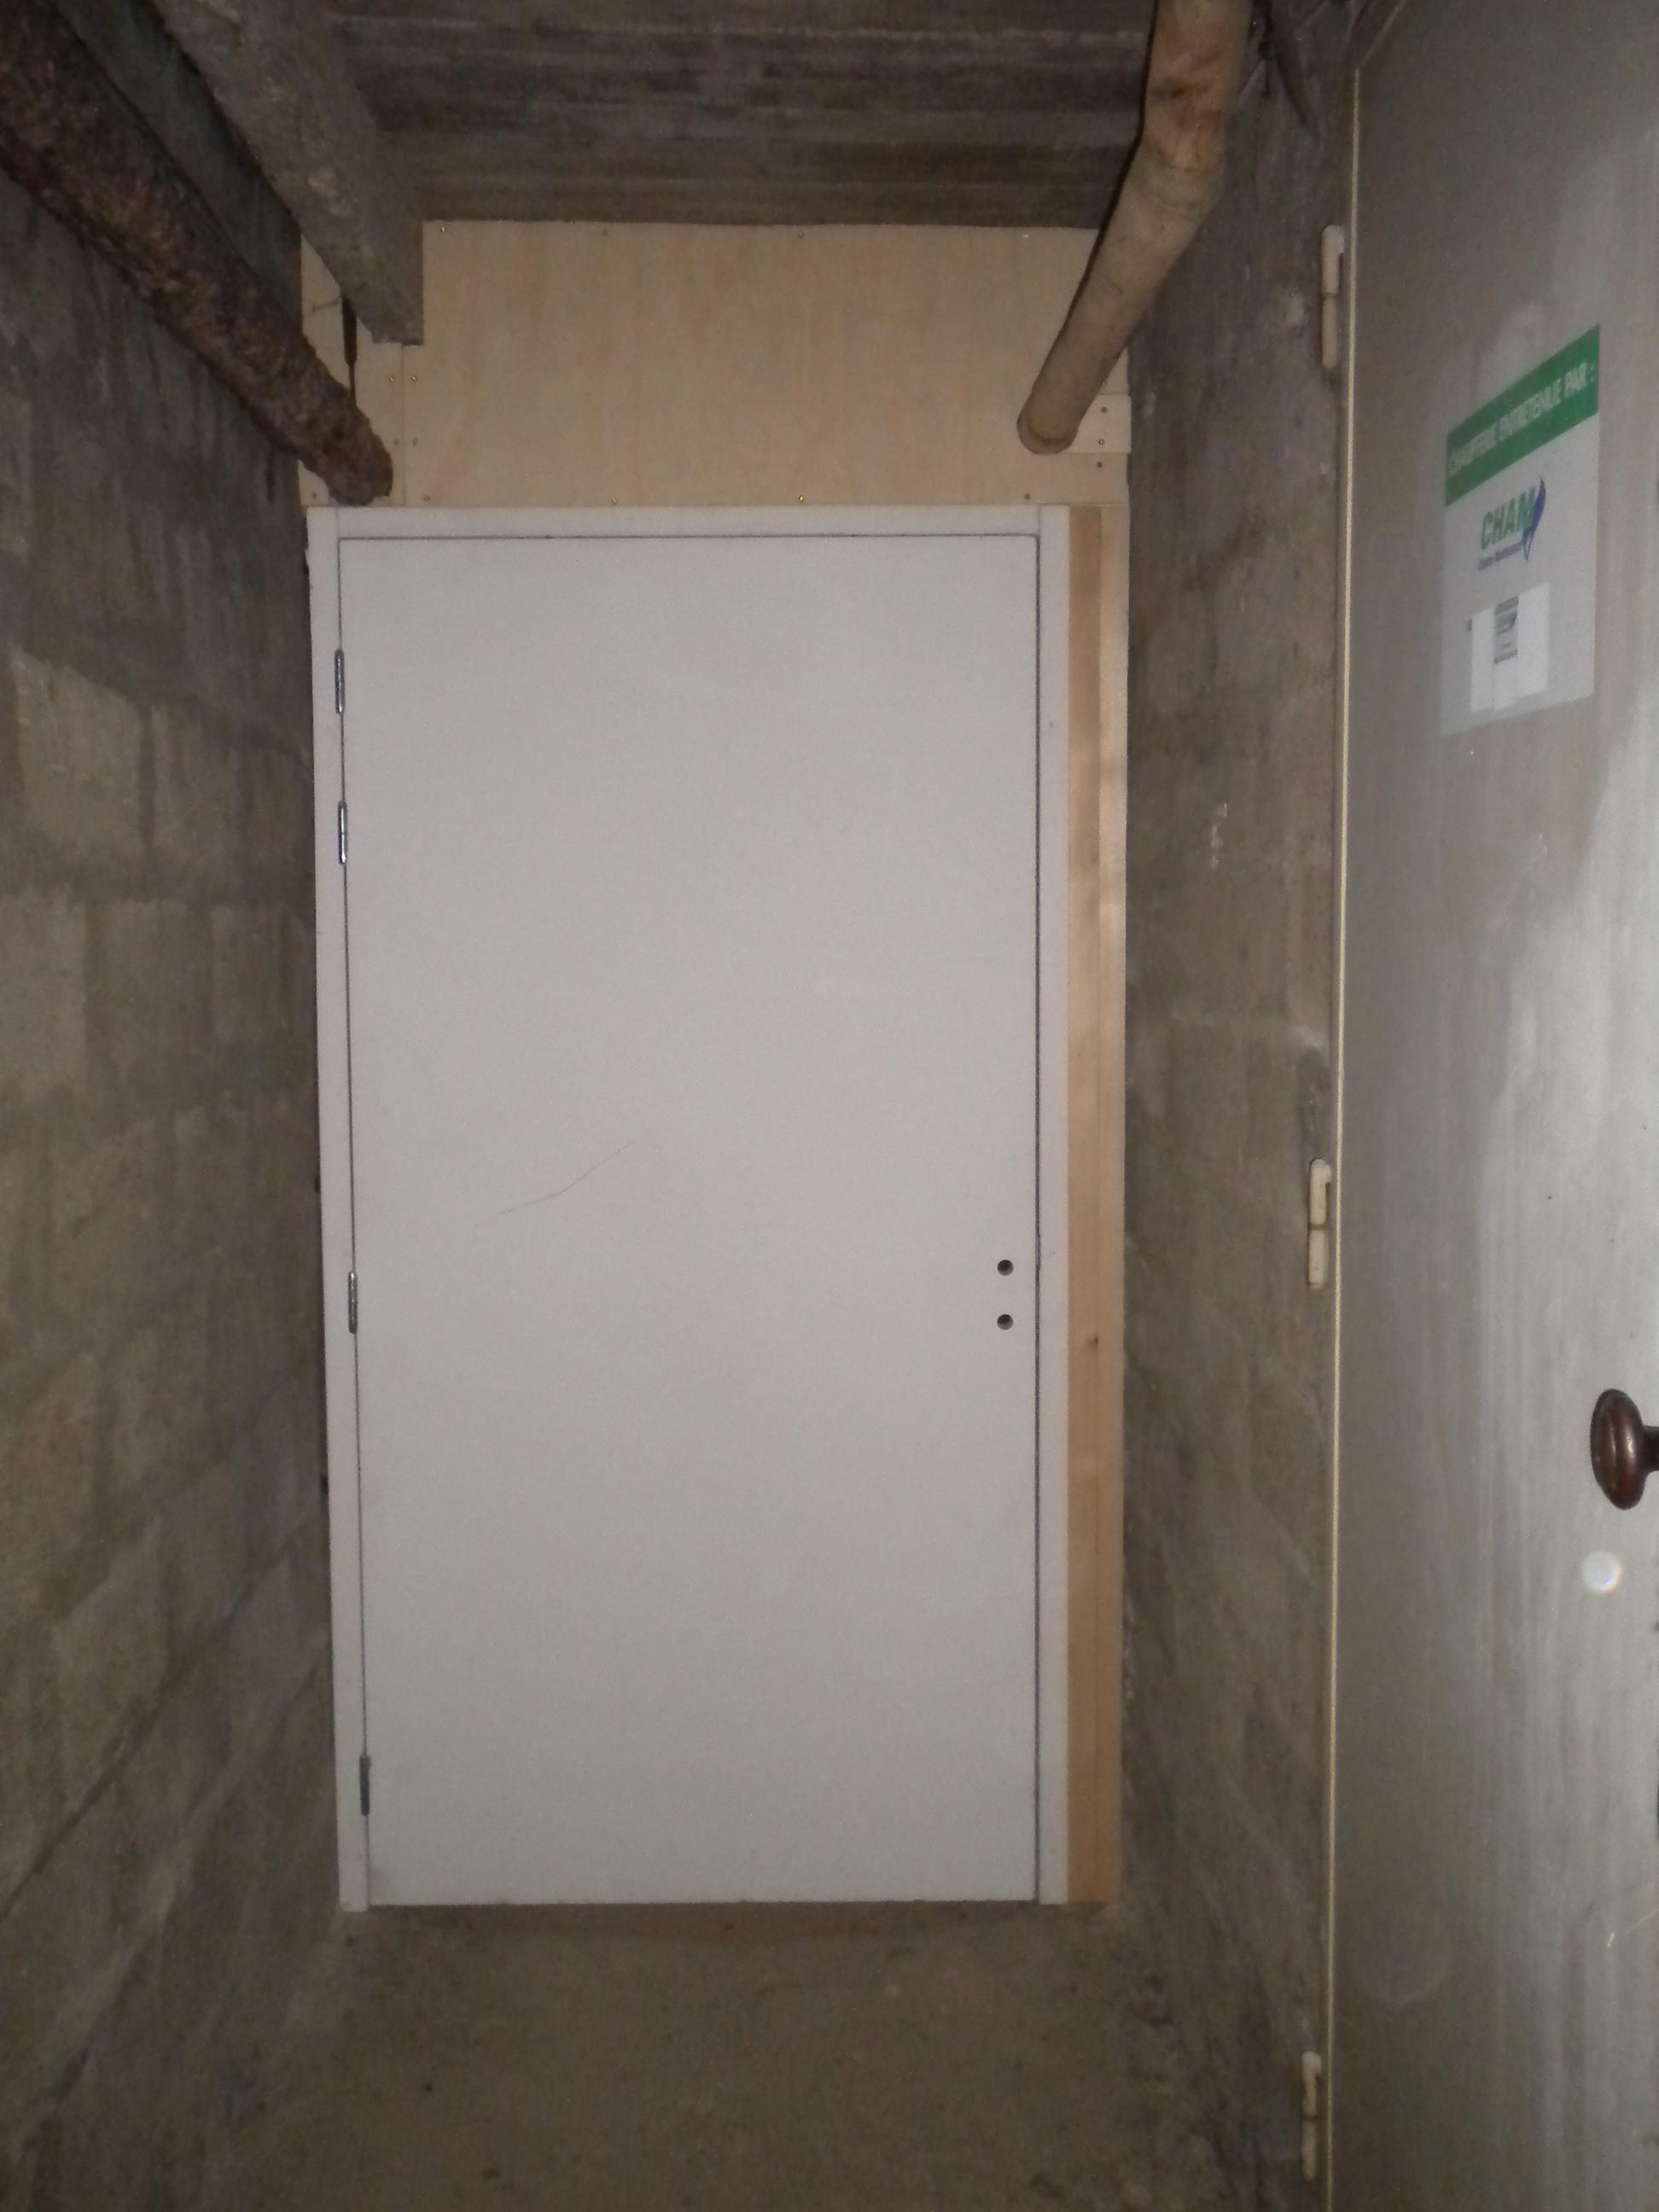 Super Pose des portes des couloirs de caves - 30 décembre 2013  HM45